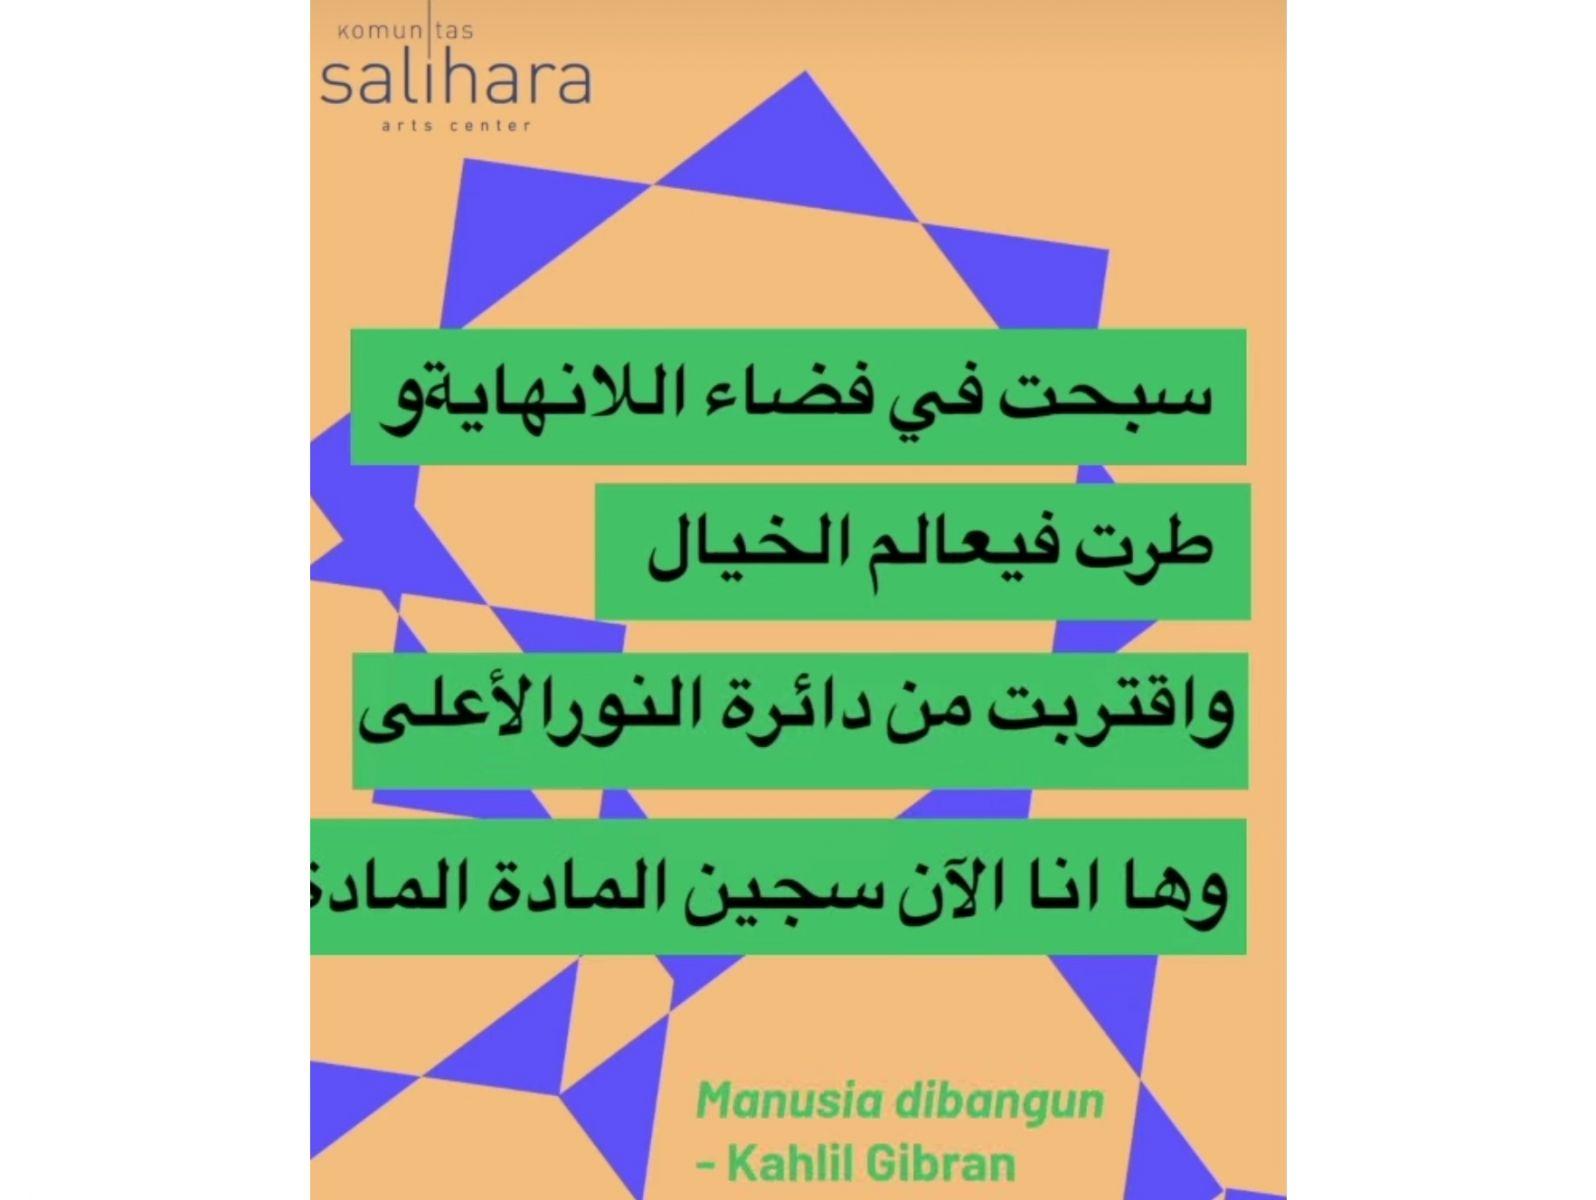 Instagram Komunitas Salihara